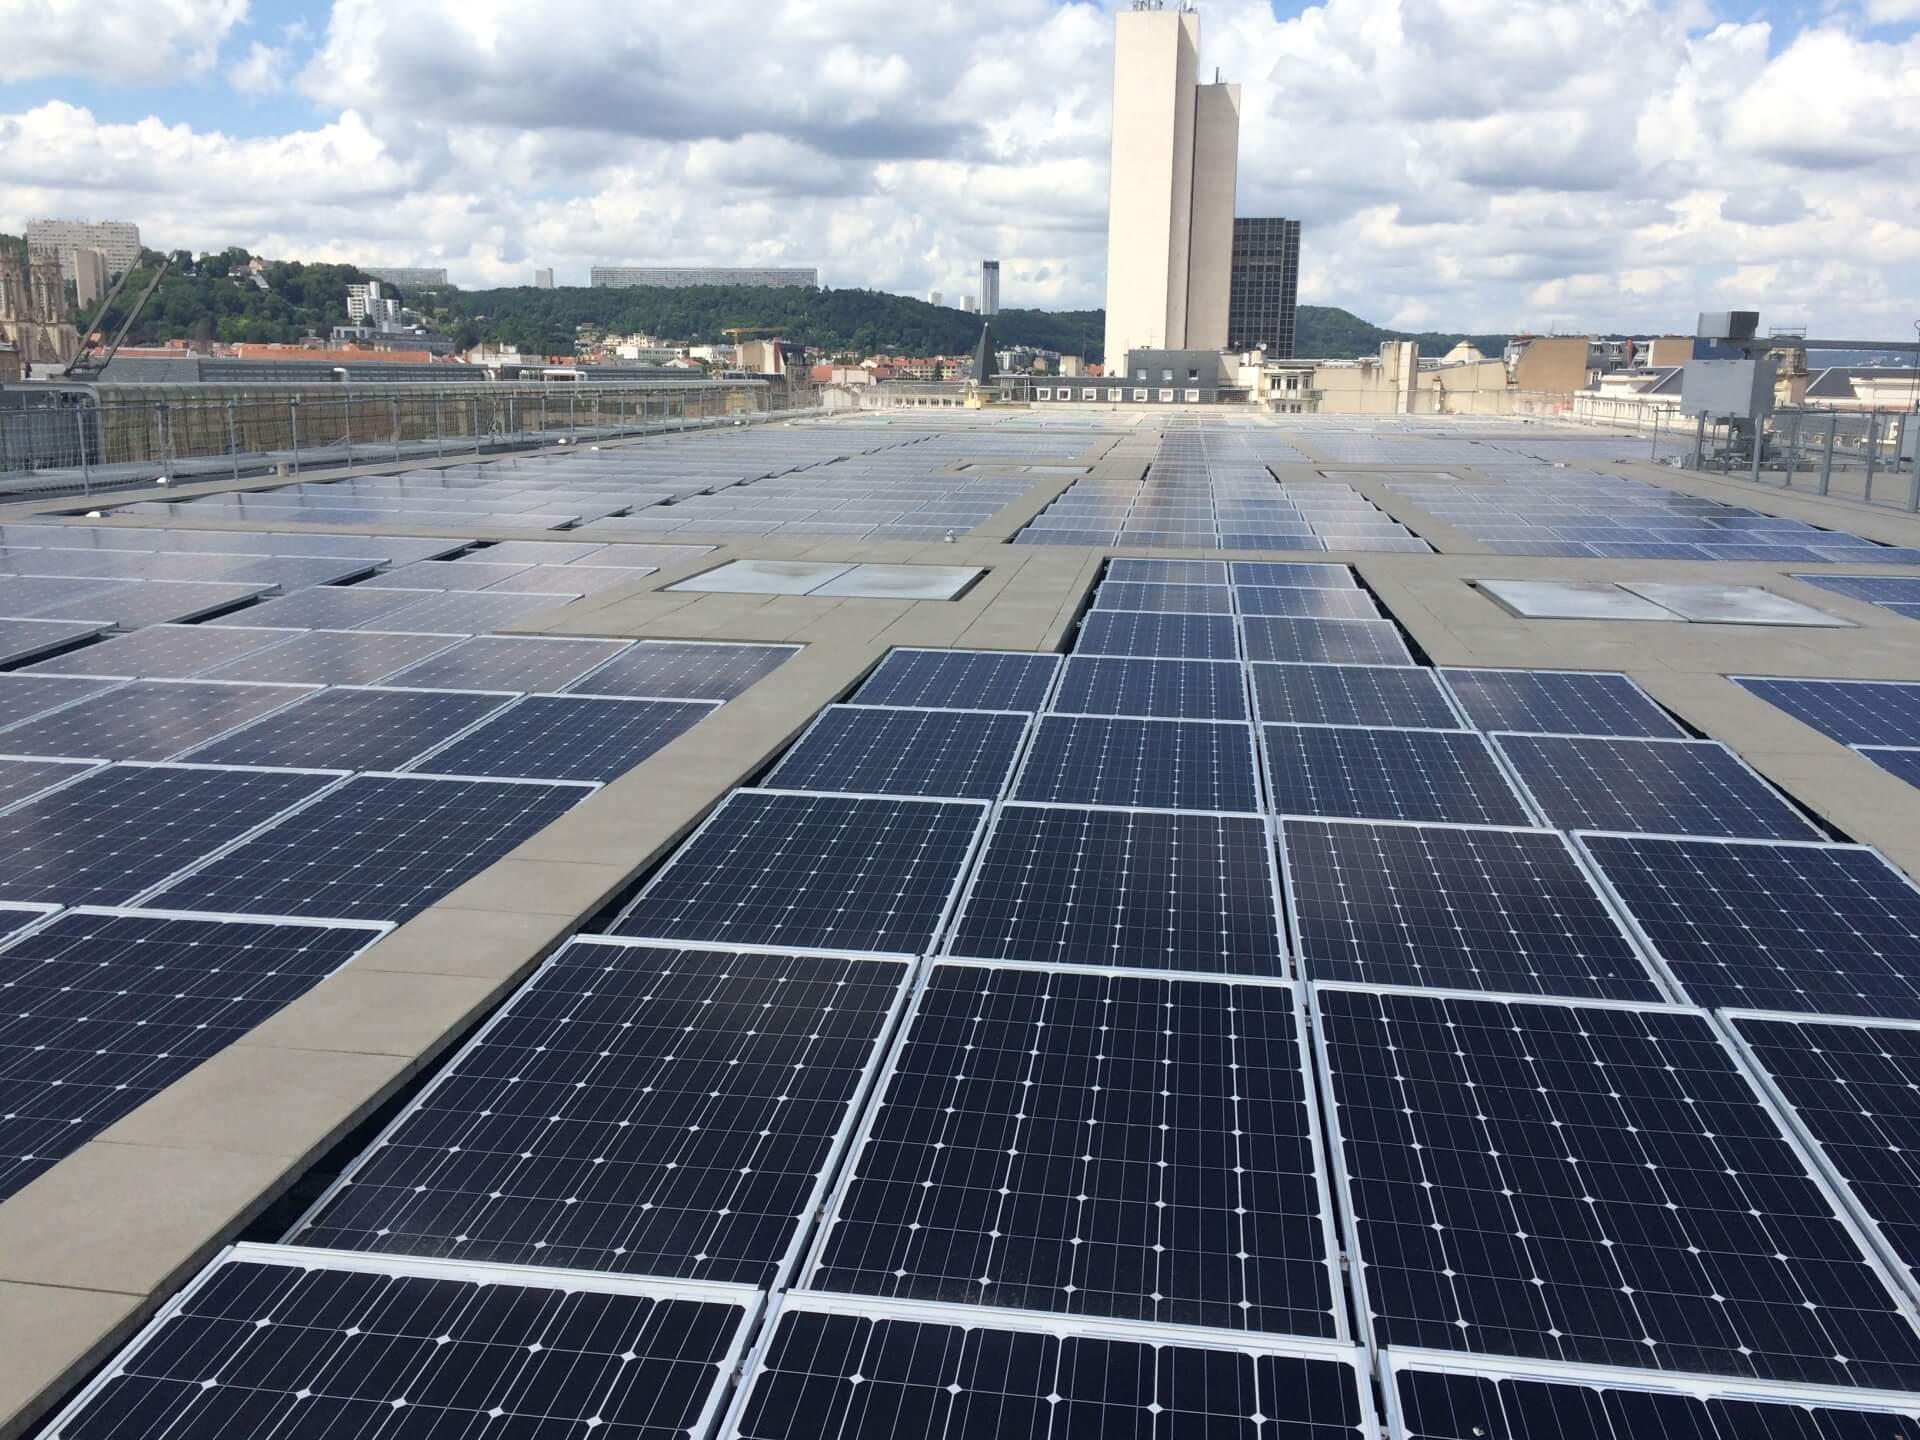 Maintenance et installation de panneaux photovoltaïques en Meurthe-et-Moselle